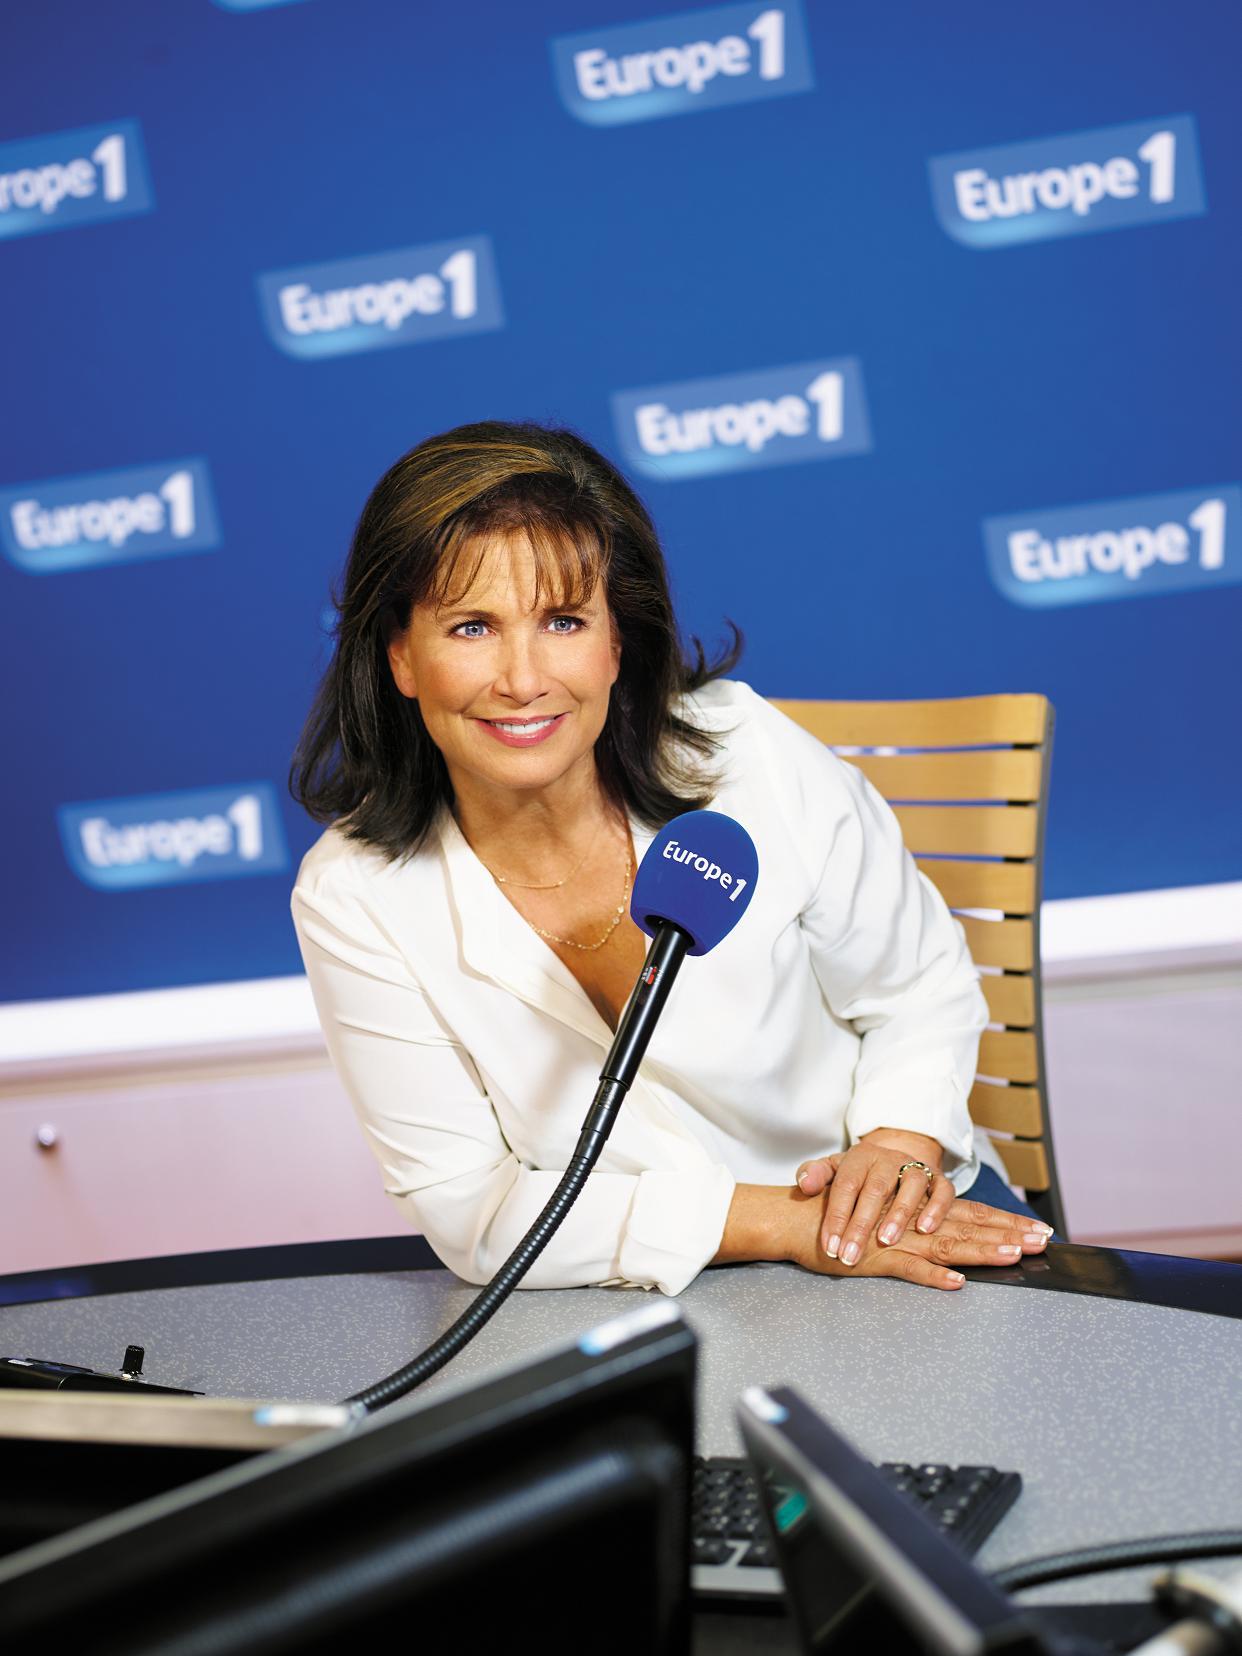 Déjà 1 358 000 auditeurs pour Anne Sinclair © CAPA Europe 1